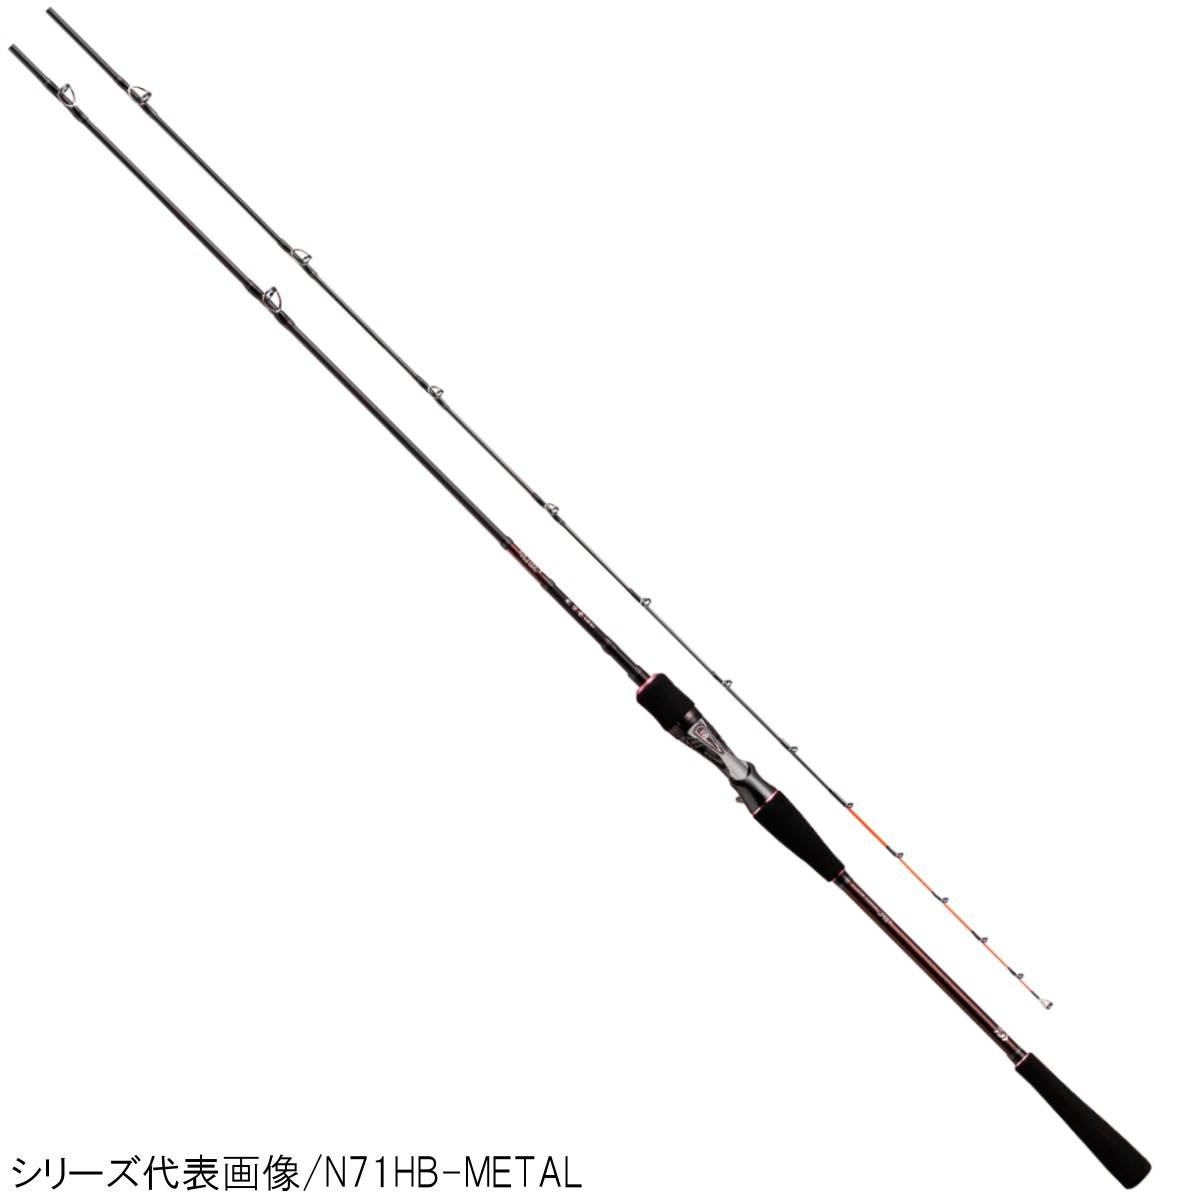 ダイワ 紅牙 AIR N69MHB-METAL【大型商品】(東日本店)